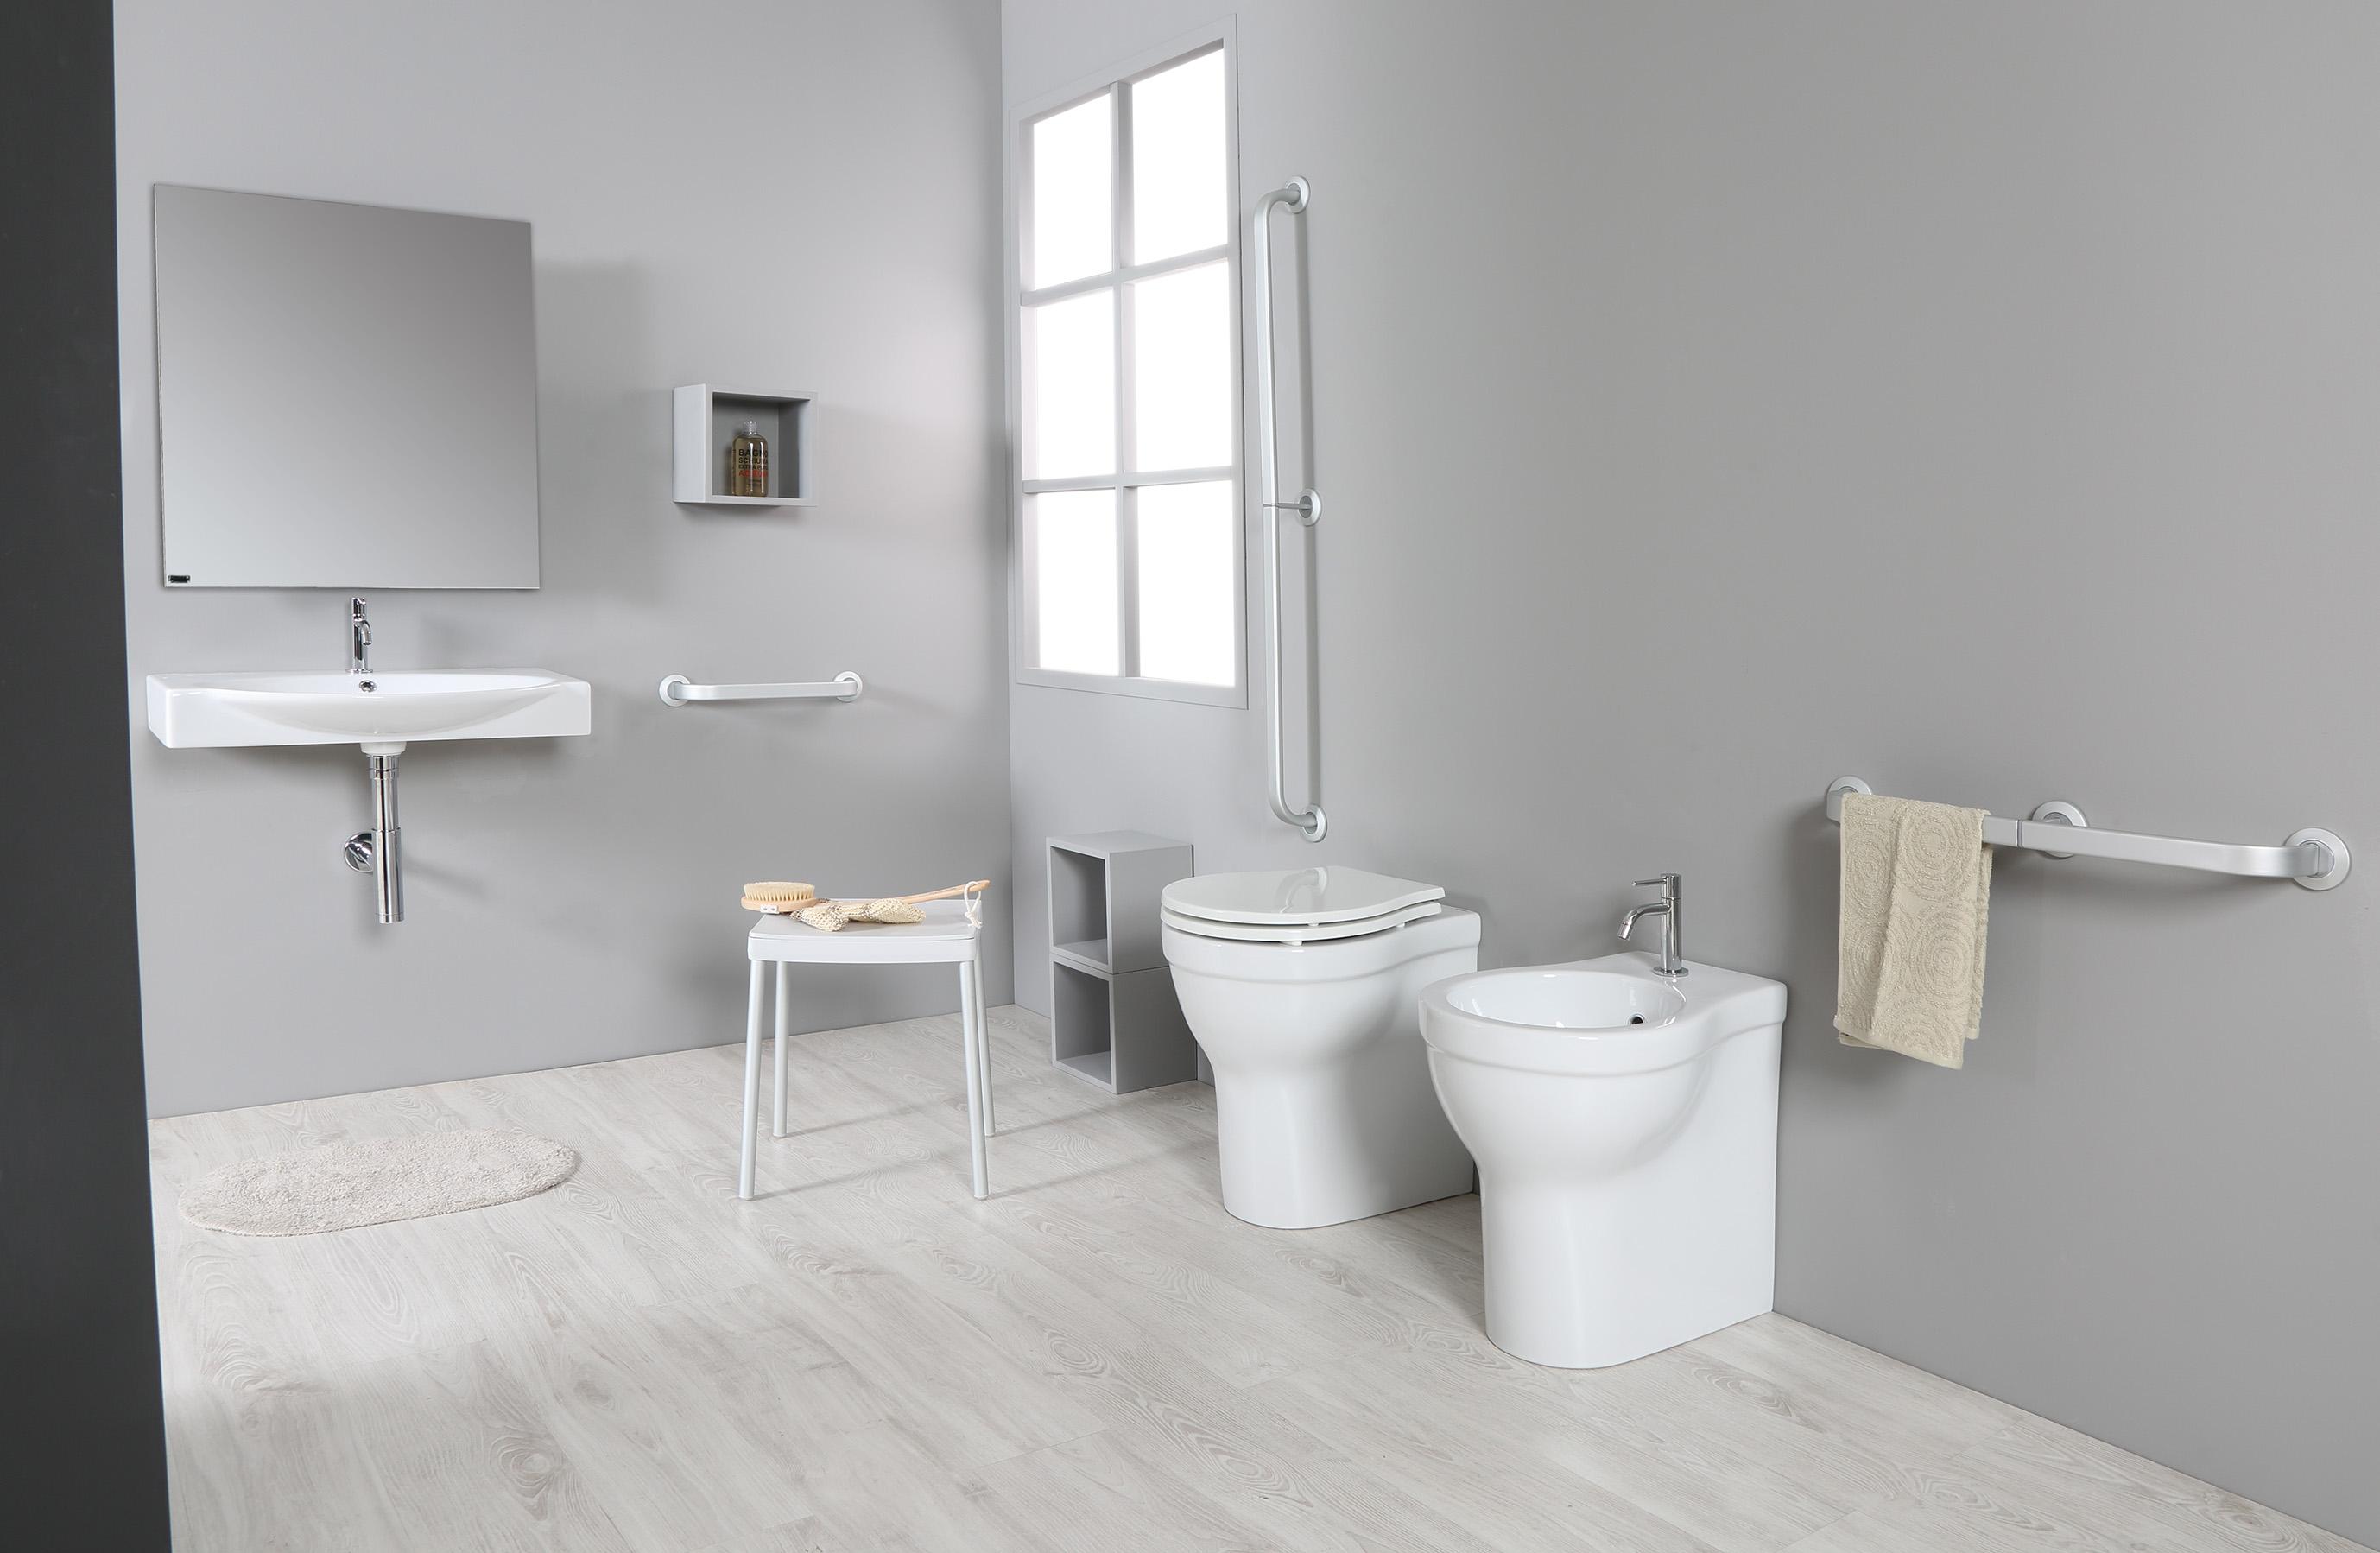 Sanitari e accessori per bagno a misura di anziano linea easylife